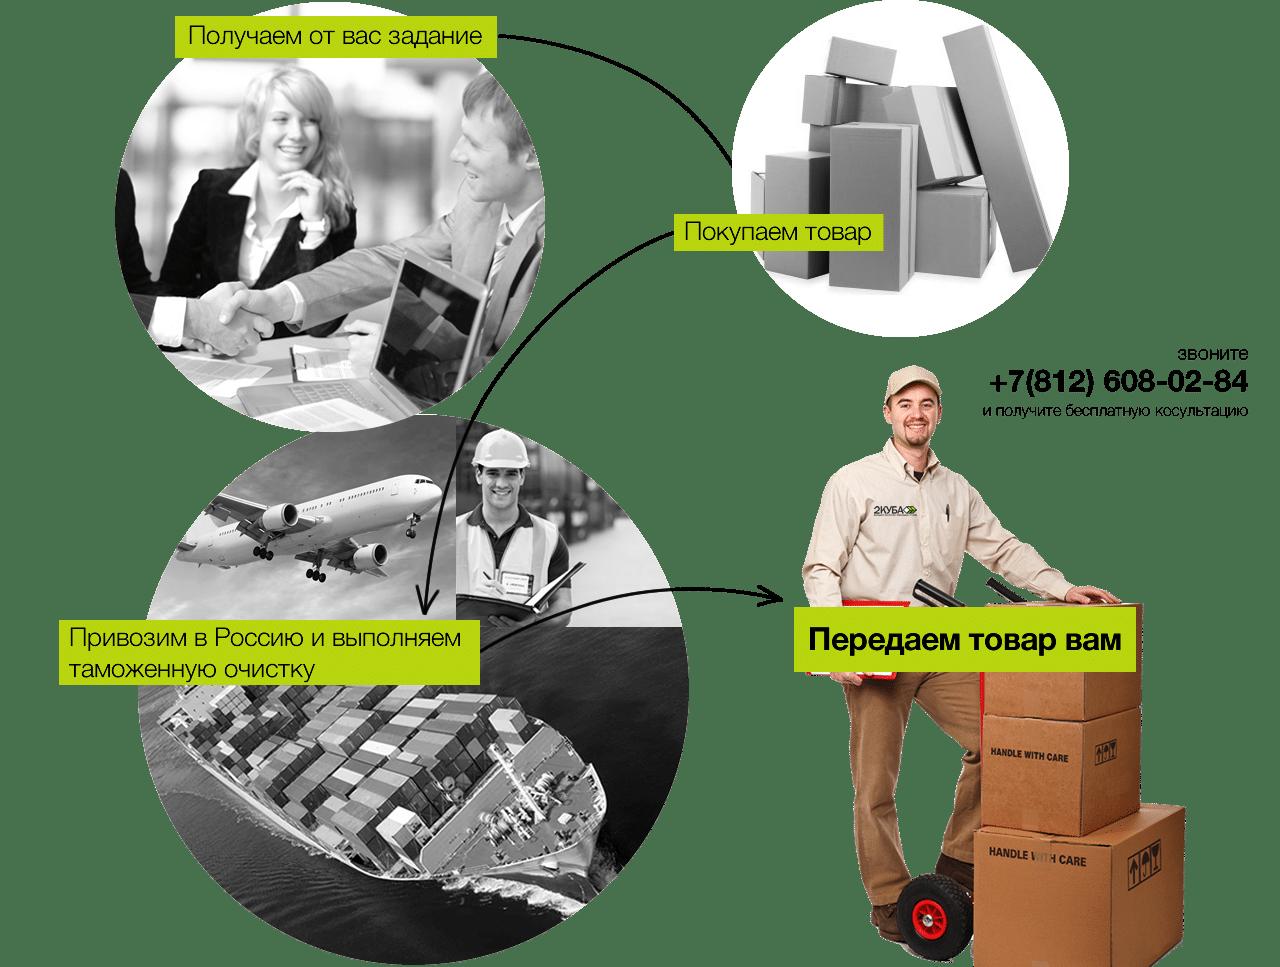 Схема работы доставки из-за границы